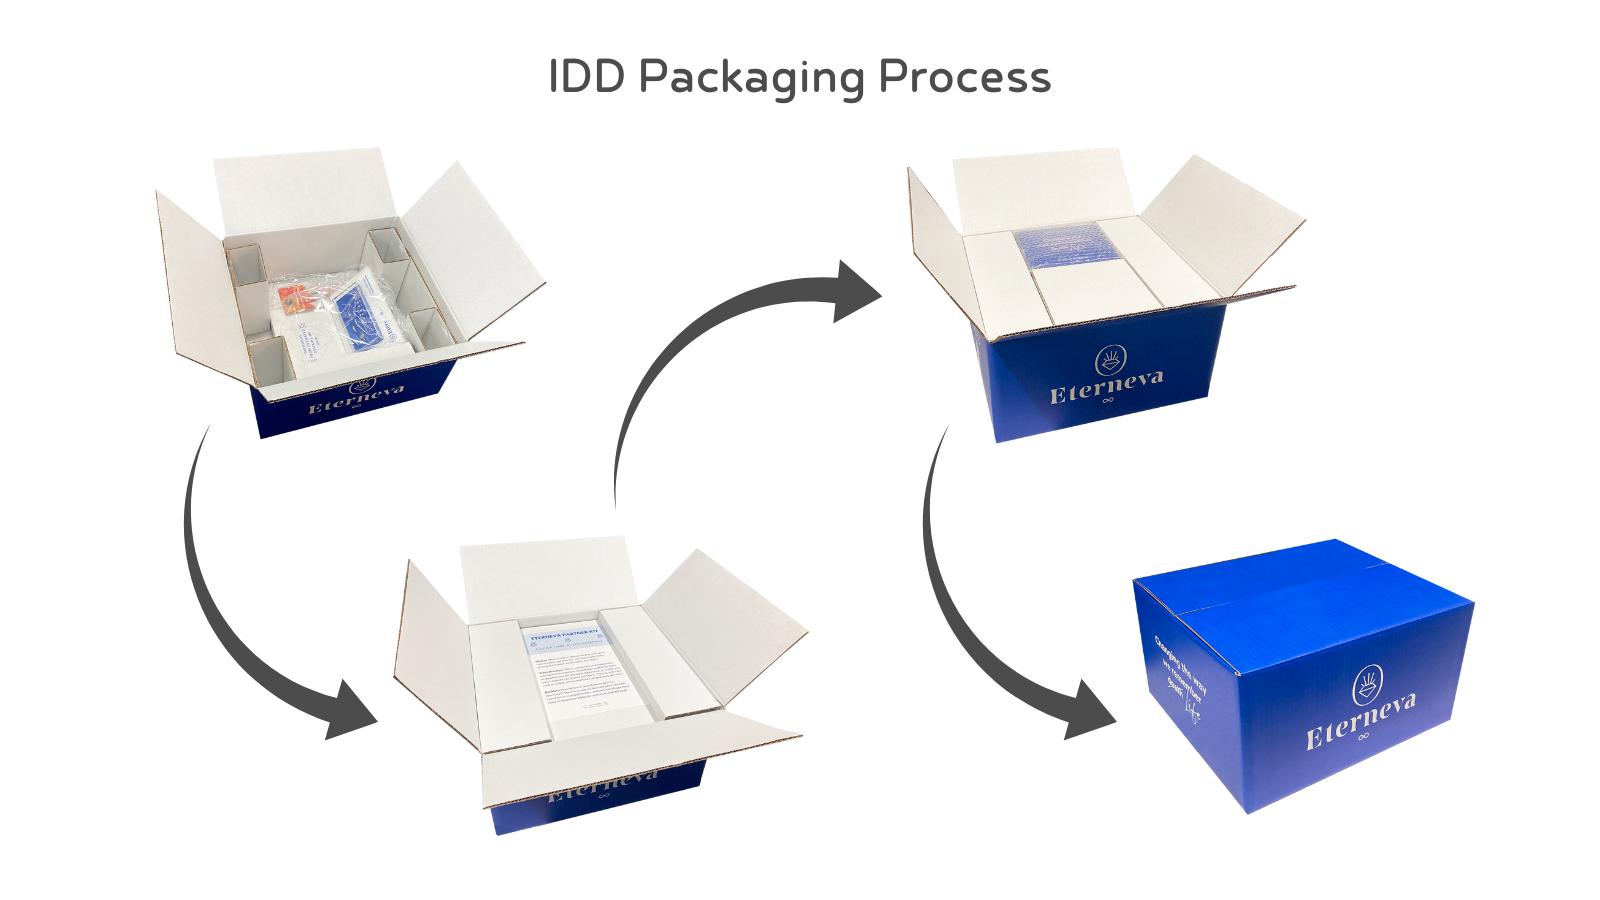 IDD Packaging Process